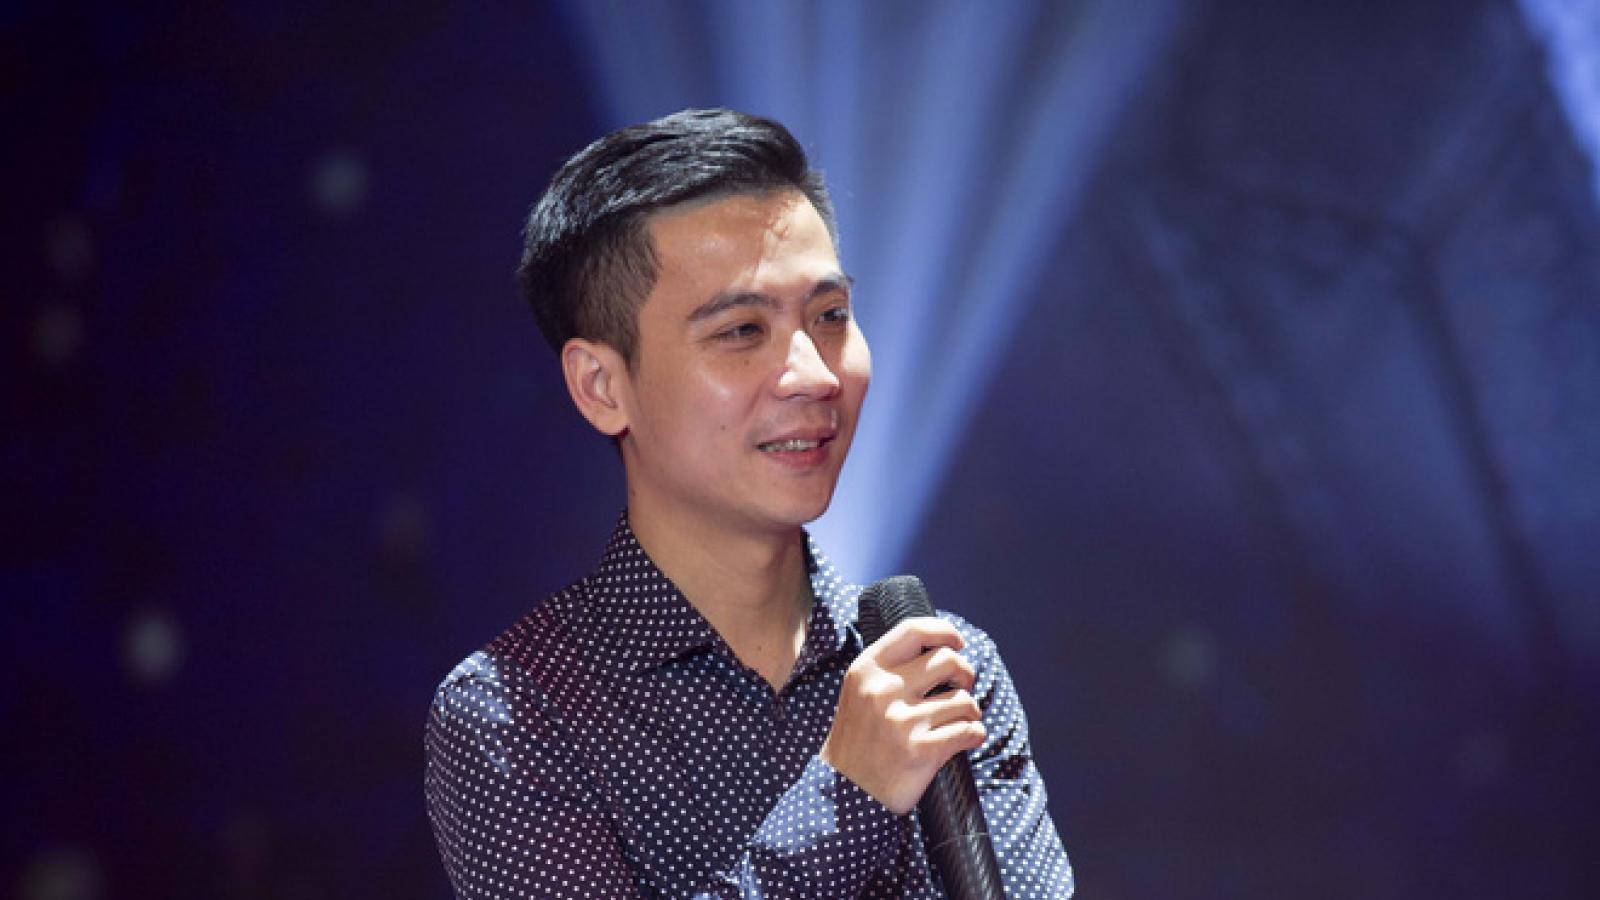 """Nhạc sĩ Thành Vương ca ngợi giá trị gia đình trong ca khúc """"Ngôi nhà"""""""